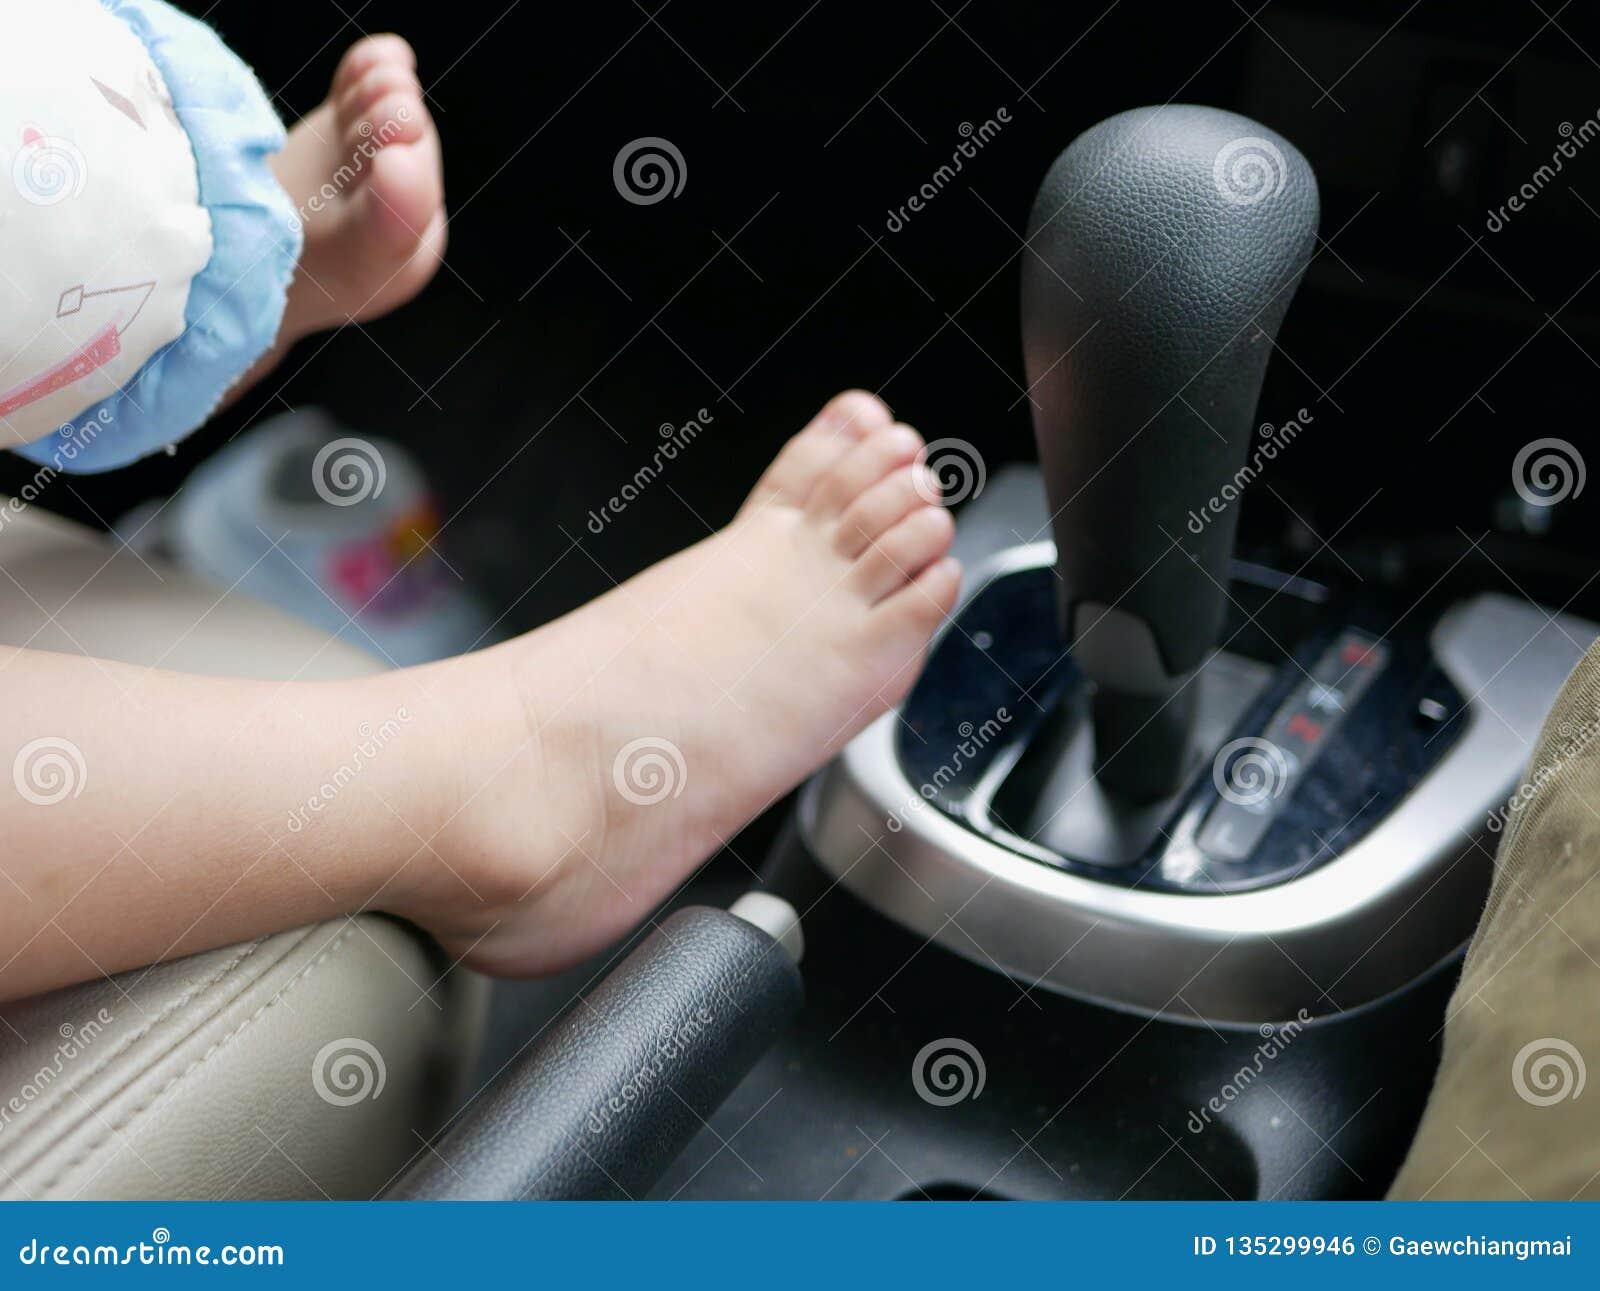 Os pés do bebê que estão sendo postos ao lado de uma engrenagem de um carro de condução